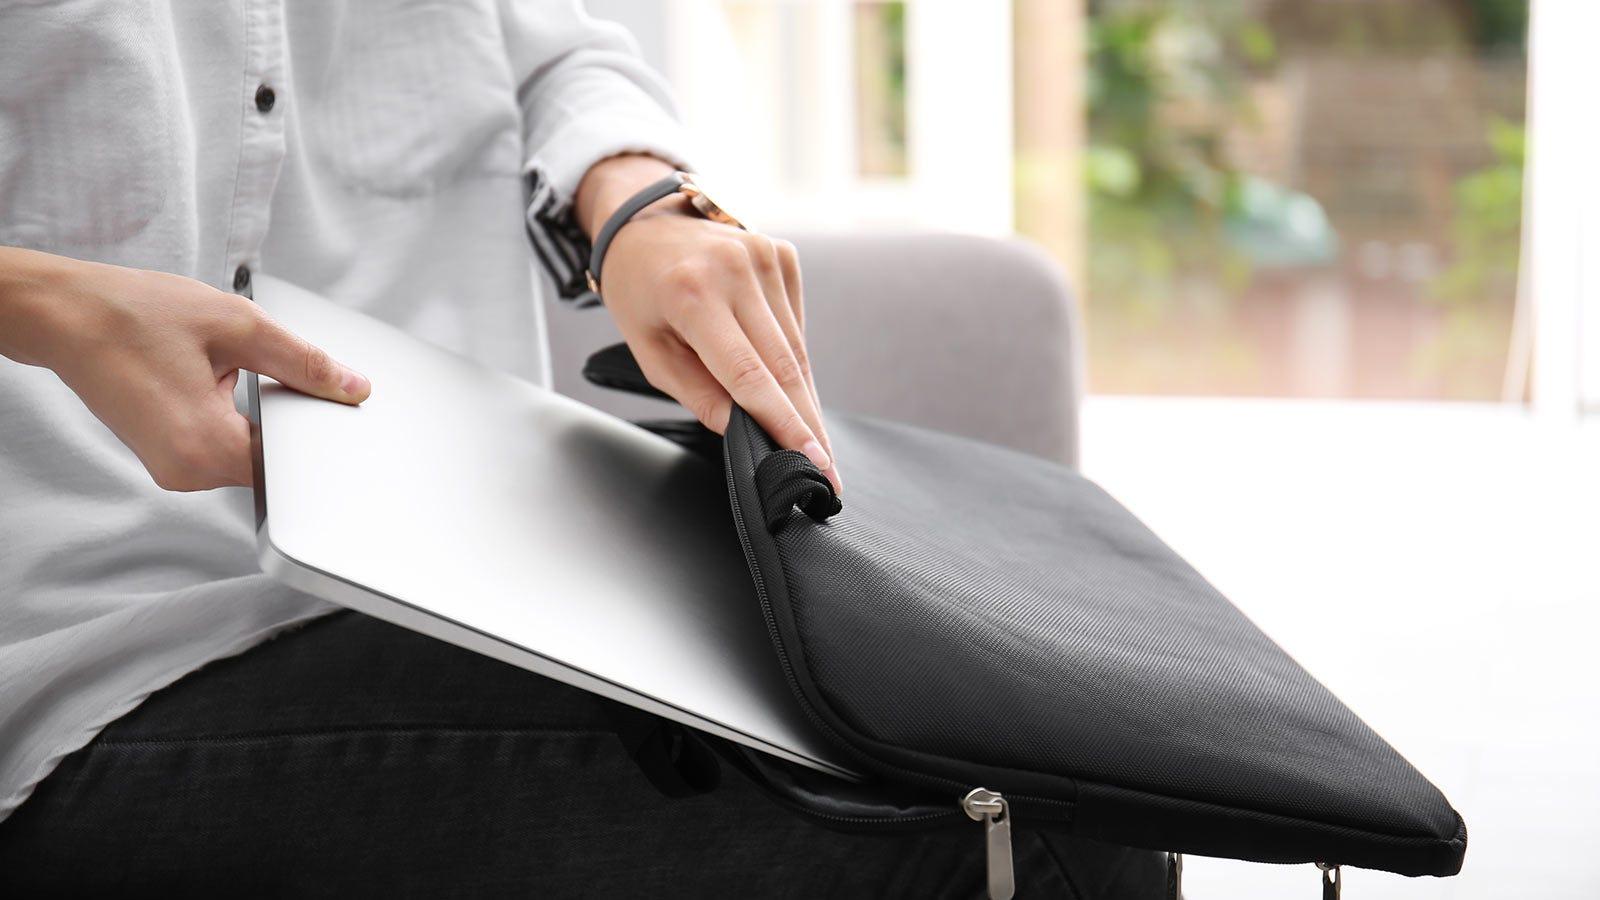 A woman sliding a laptop into a laptop sleeve.